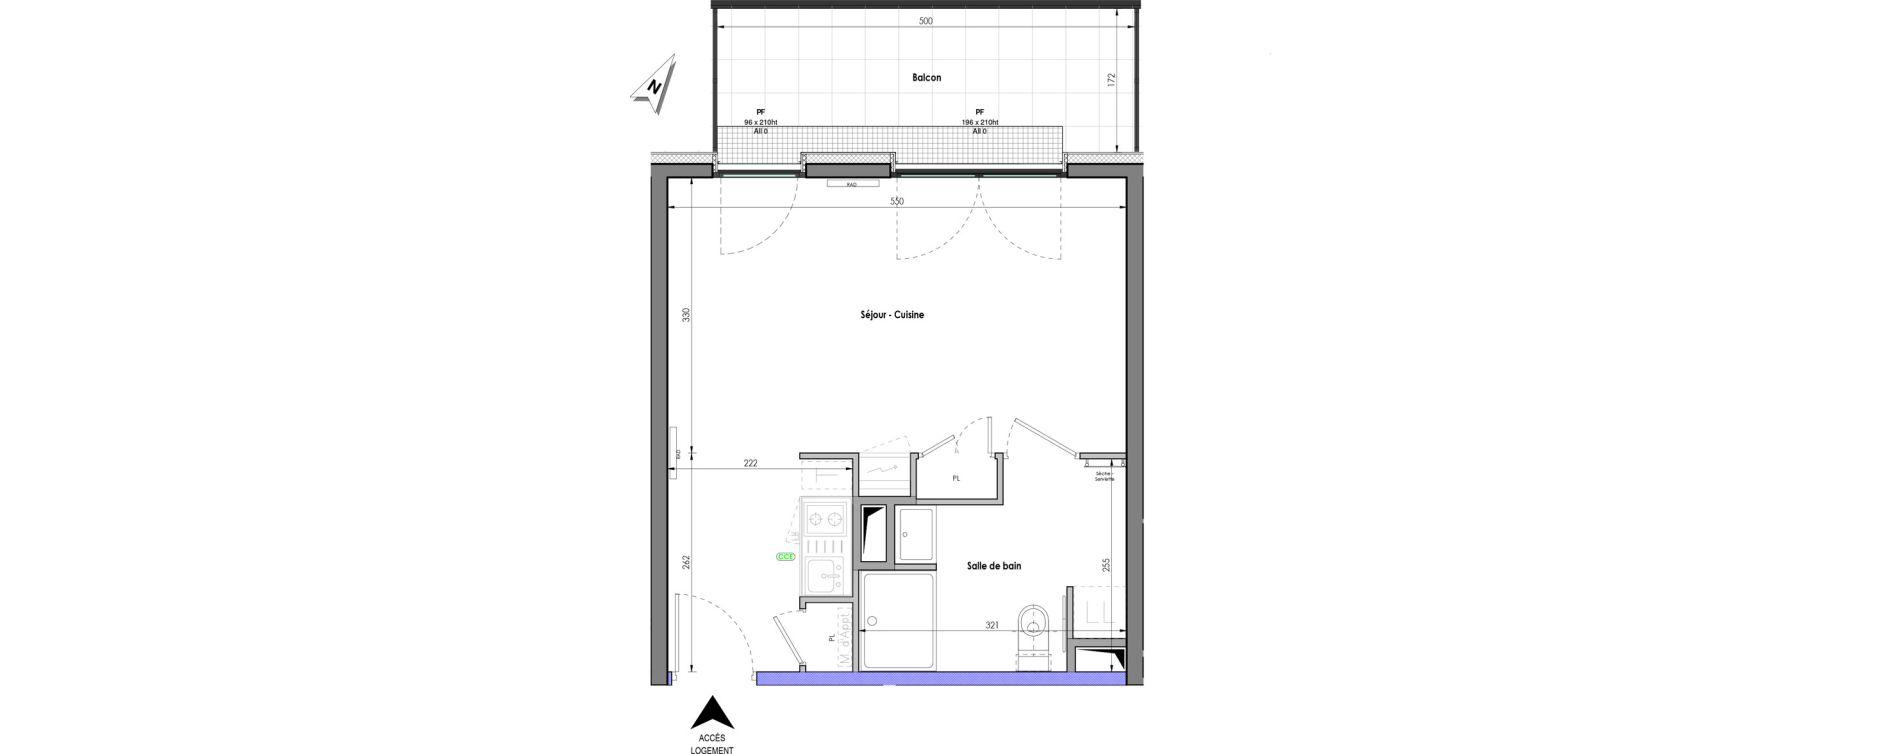 Appartement T1 de 30,95 m2 à Clermont-Ferrand Clermont ferrand république